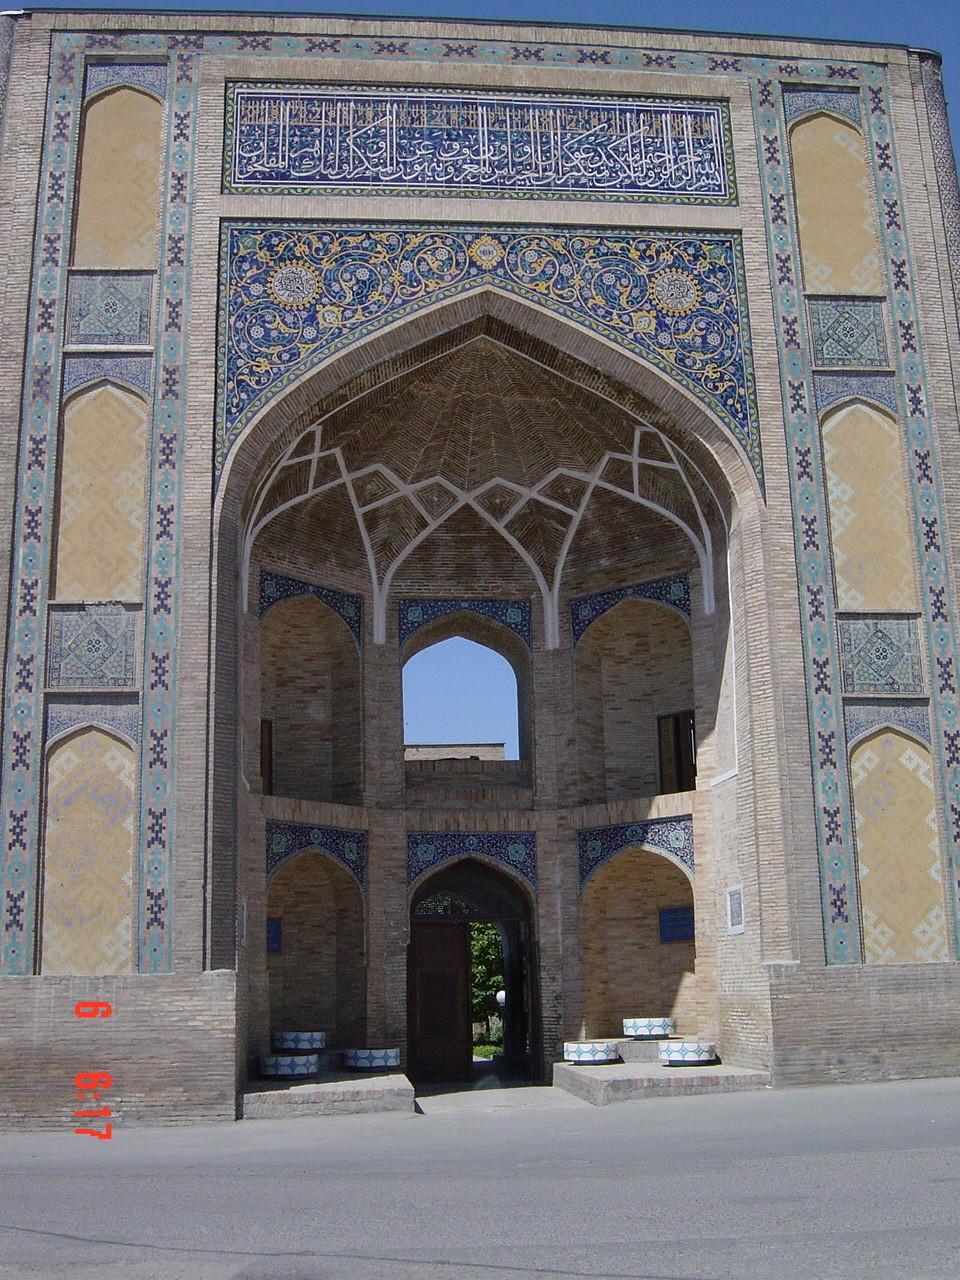 Usbekistan, Koranschule, Medrese